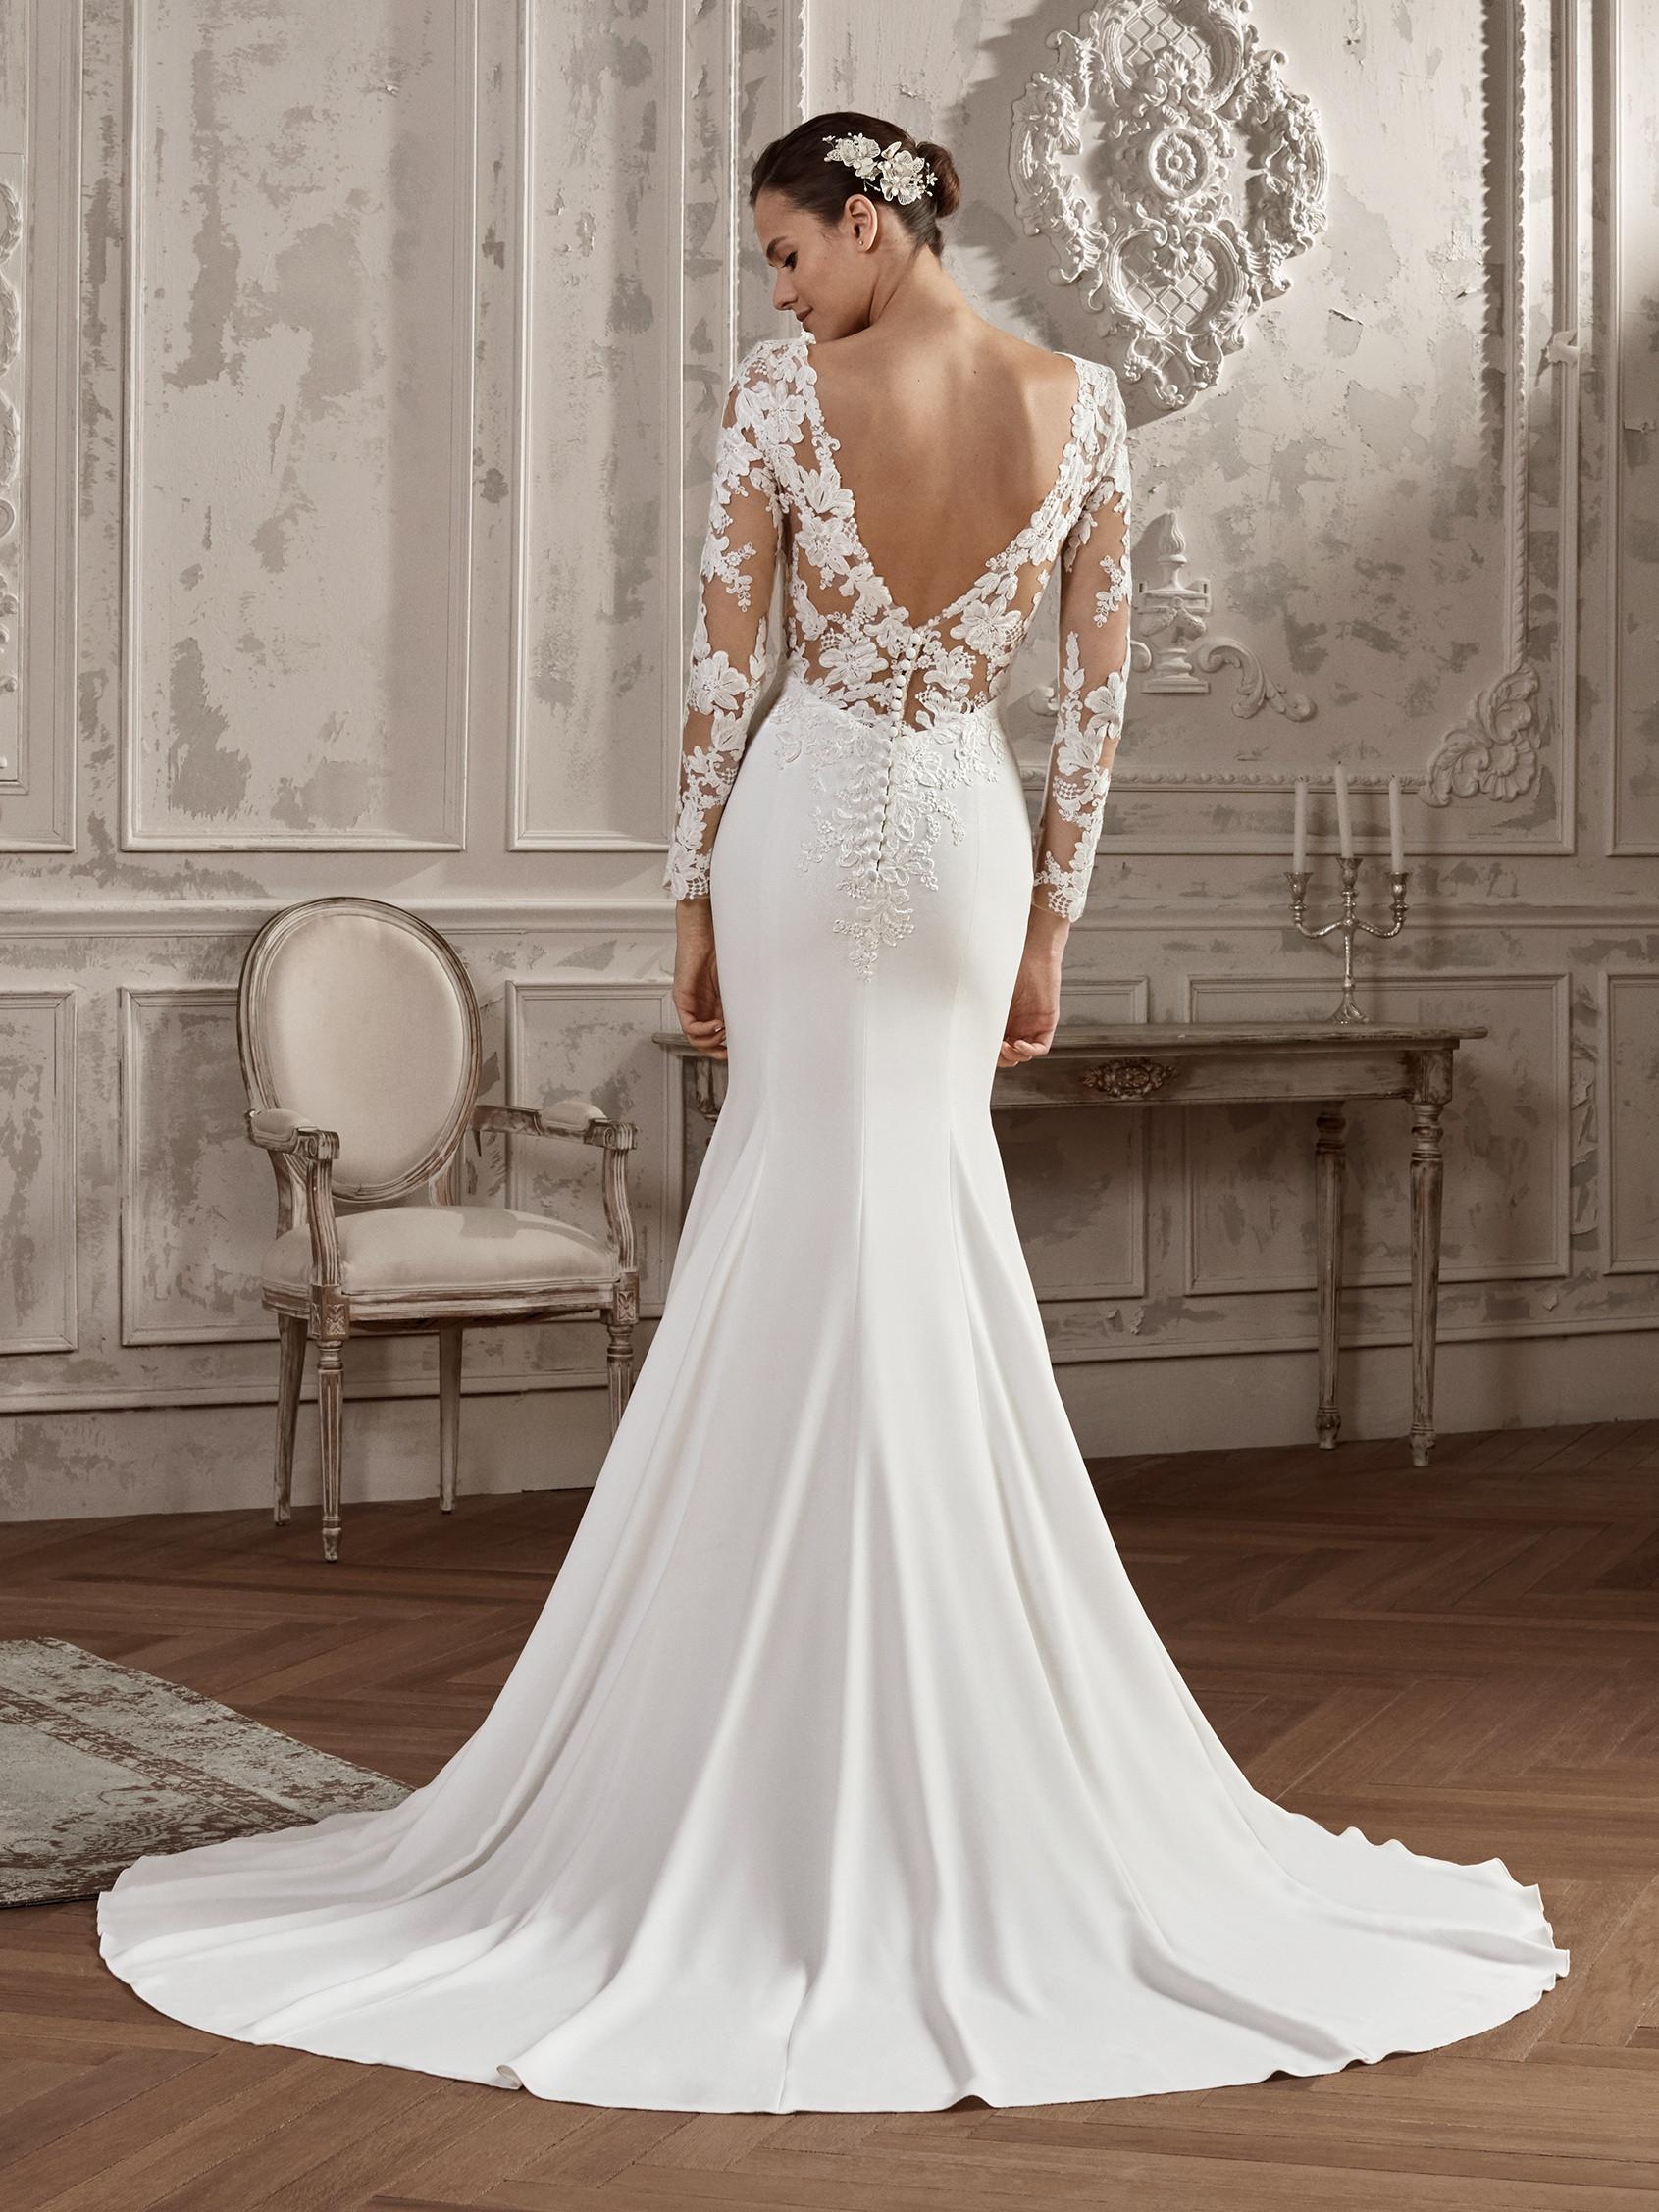 868d14384 Vestido de novia St. Patrick. Mod. Albatros. Talla 44